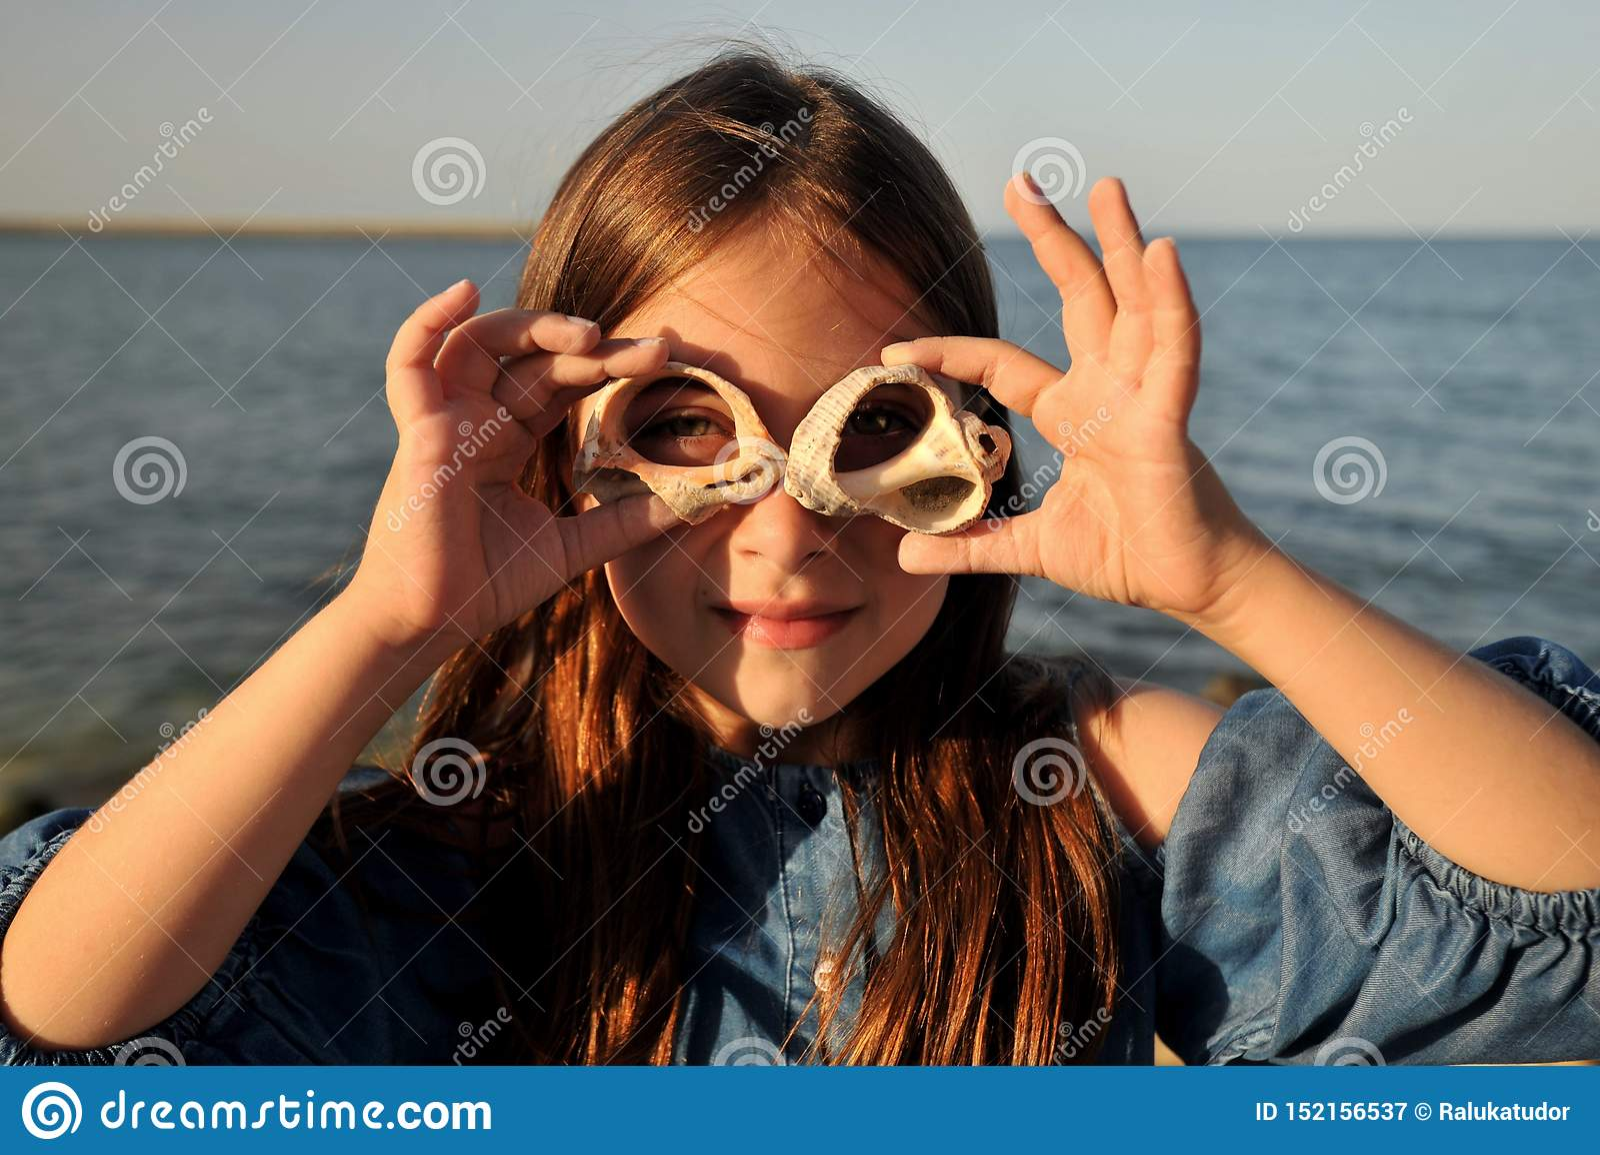 Conceito do divertimento do verão com retrato de uma menina com escudos em uma praia